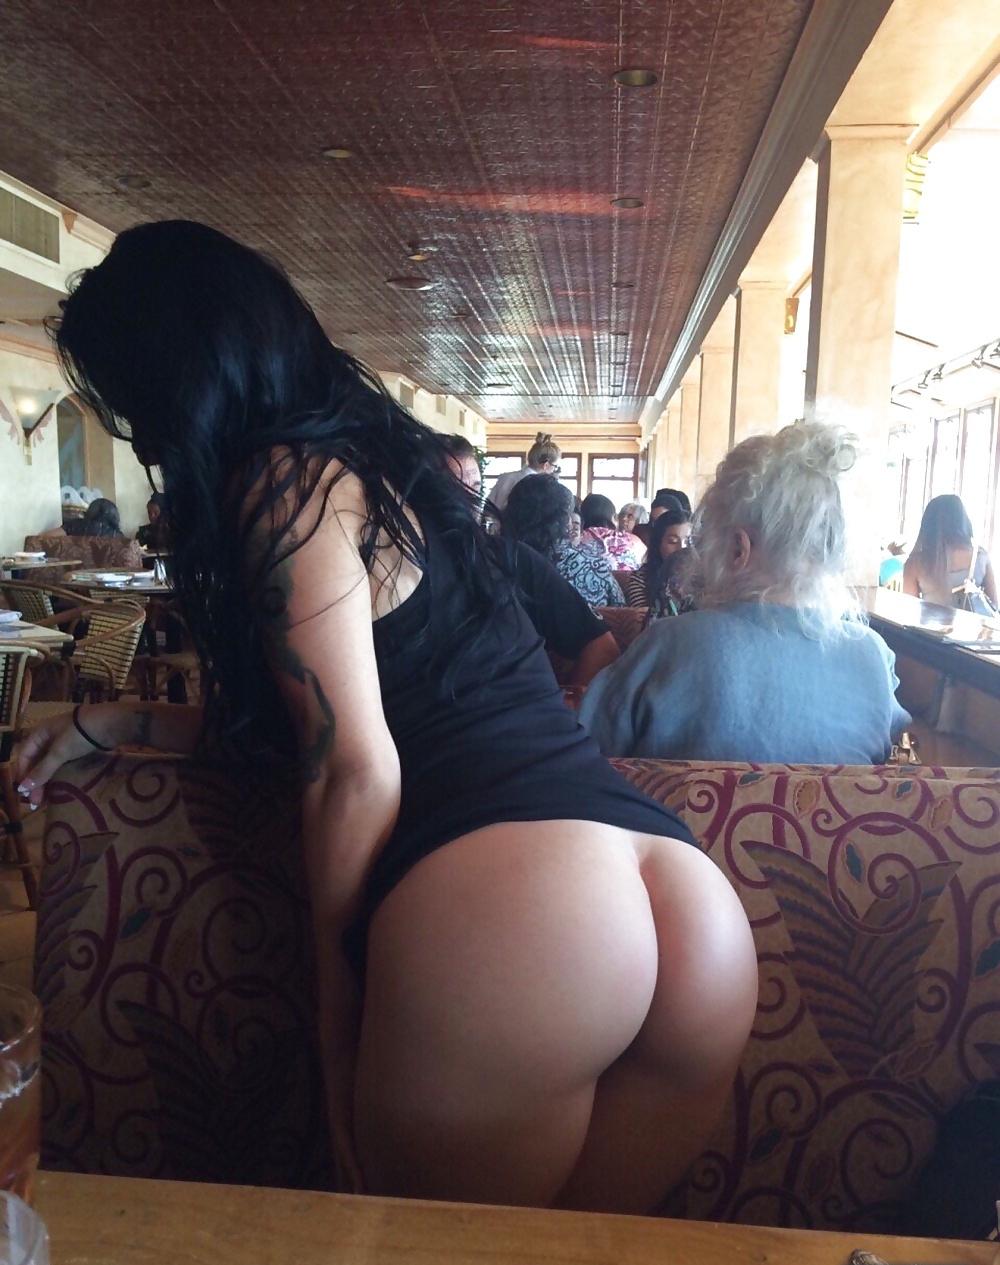 Брюнетка в баре обнажила свою красивую попку